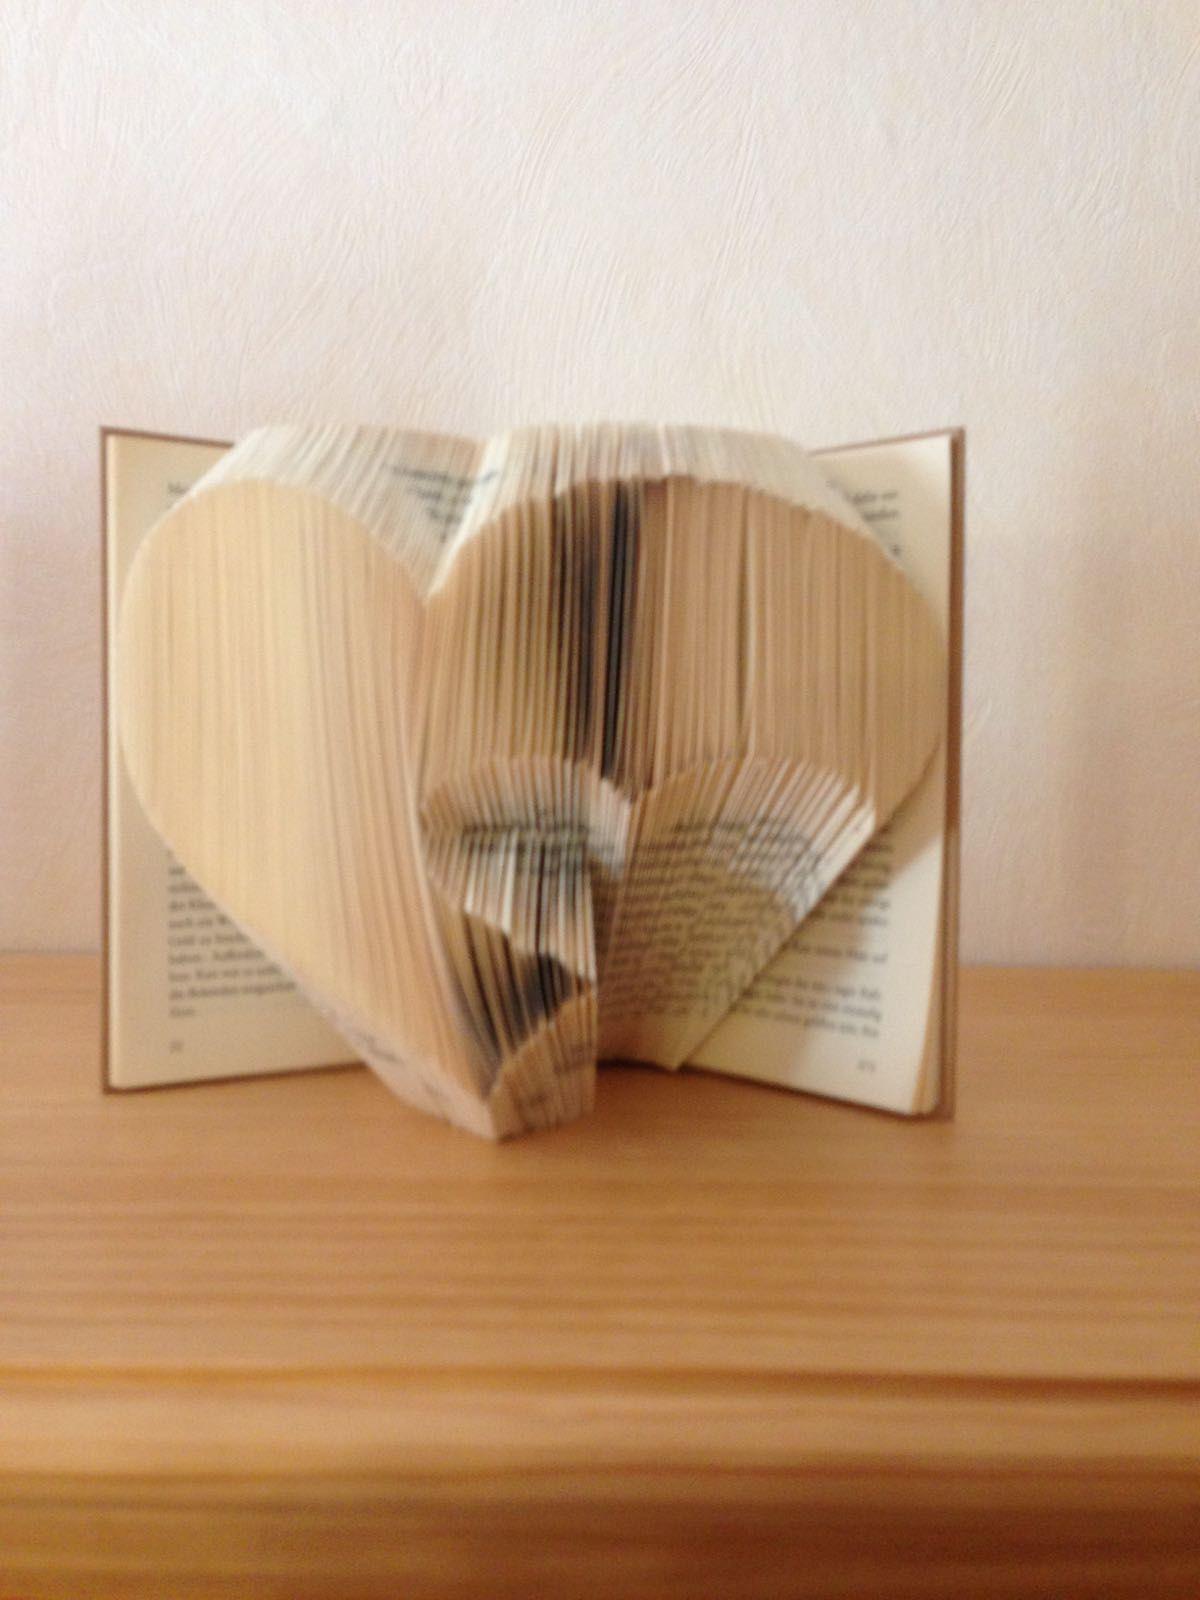 Bücher Falten Doppelherz Pins Von Meinem Blog